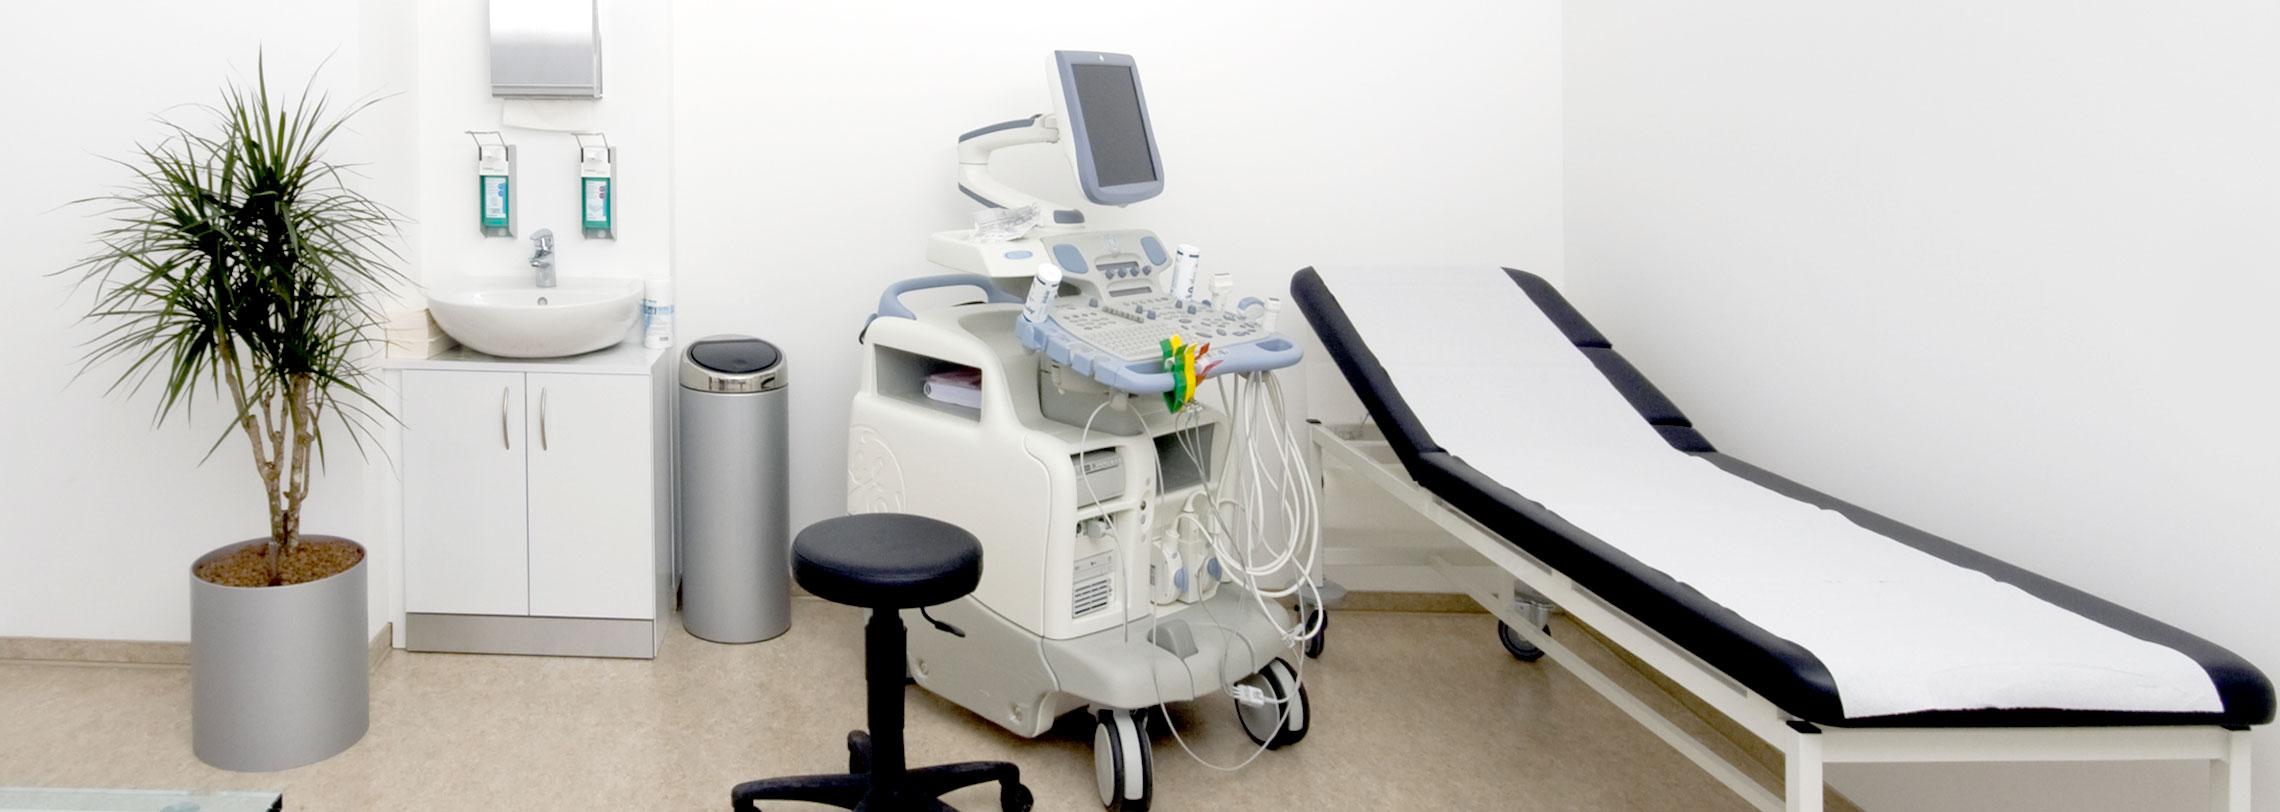 EKG Leistungsspektrum Kardiologie Zehlendorf Schlachtensee Kardiologe